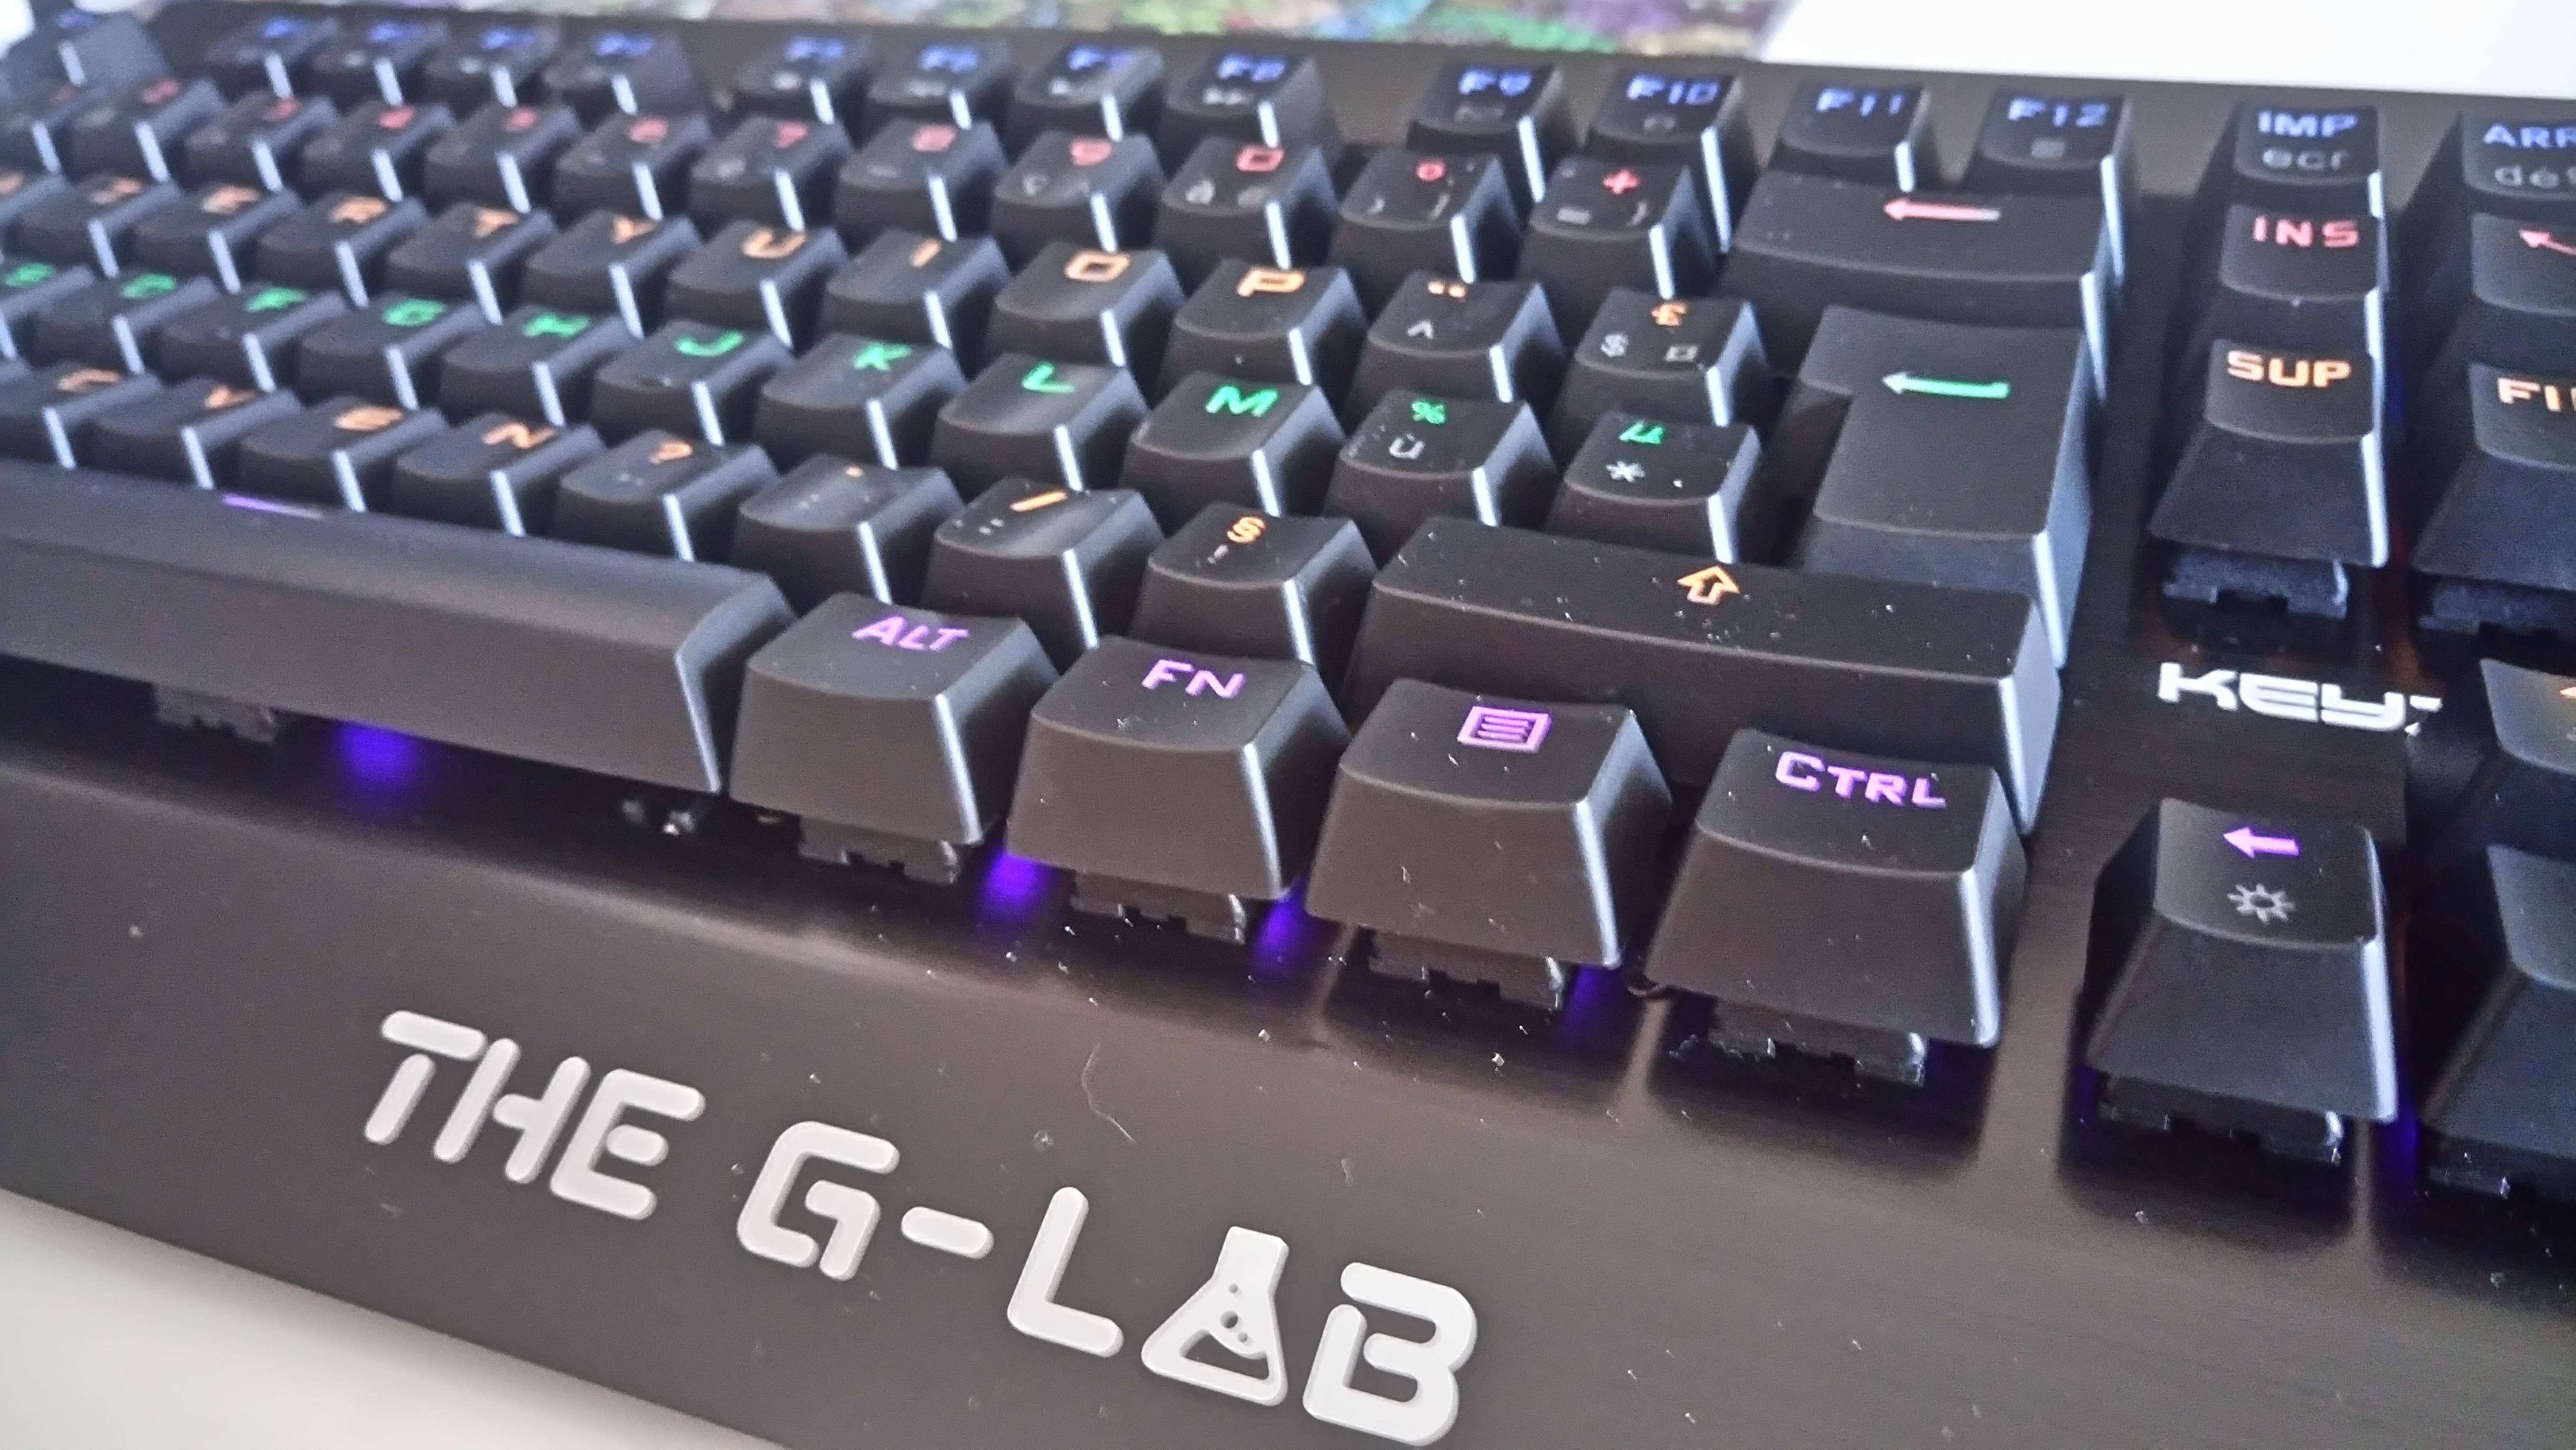 The G-Lab Keyz Meca : clavier mécanique à petit prix 1